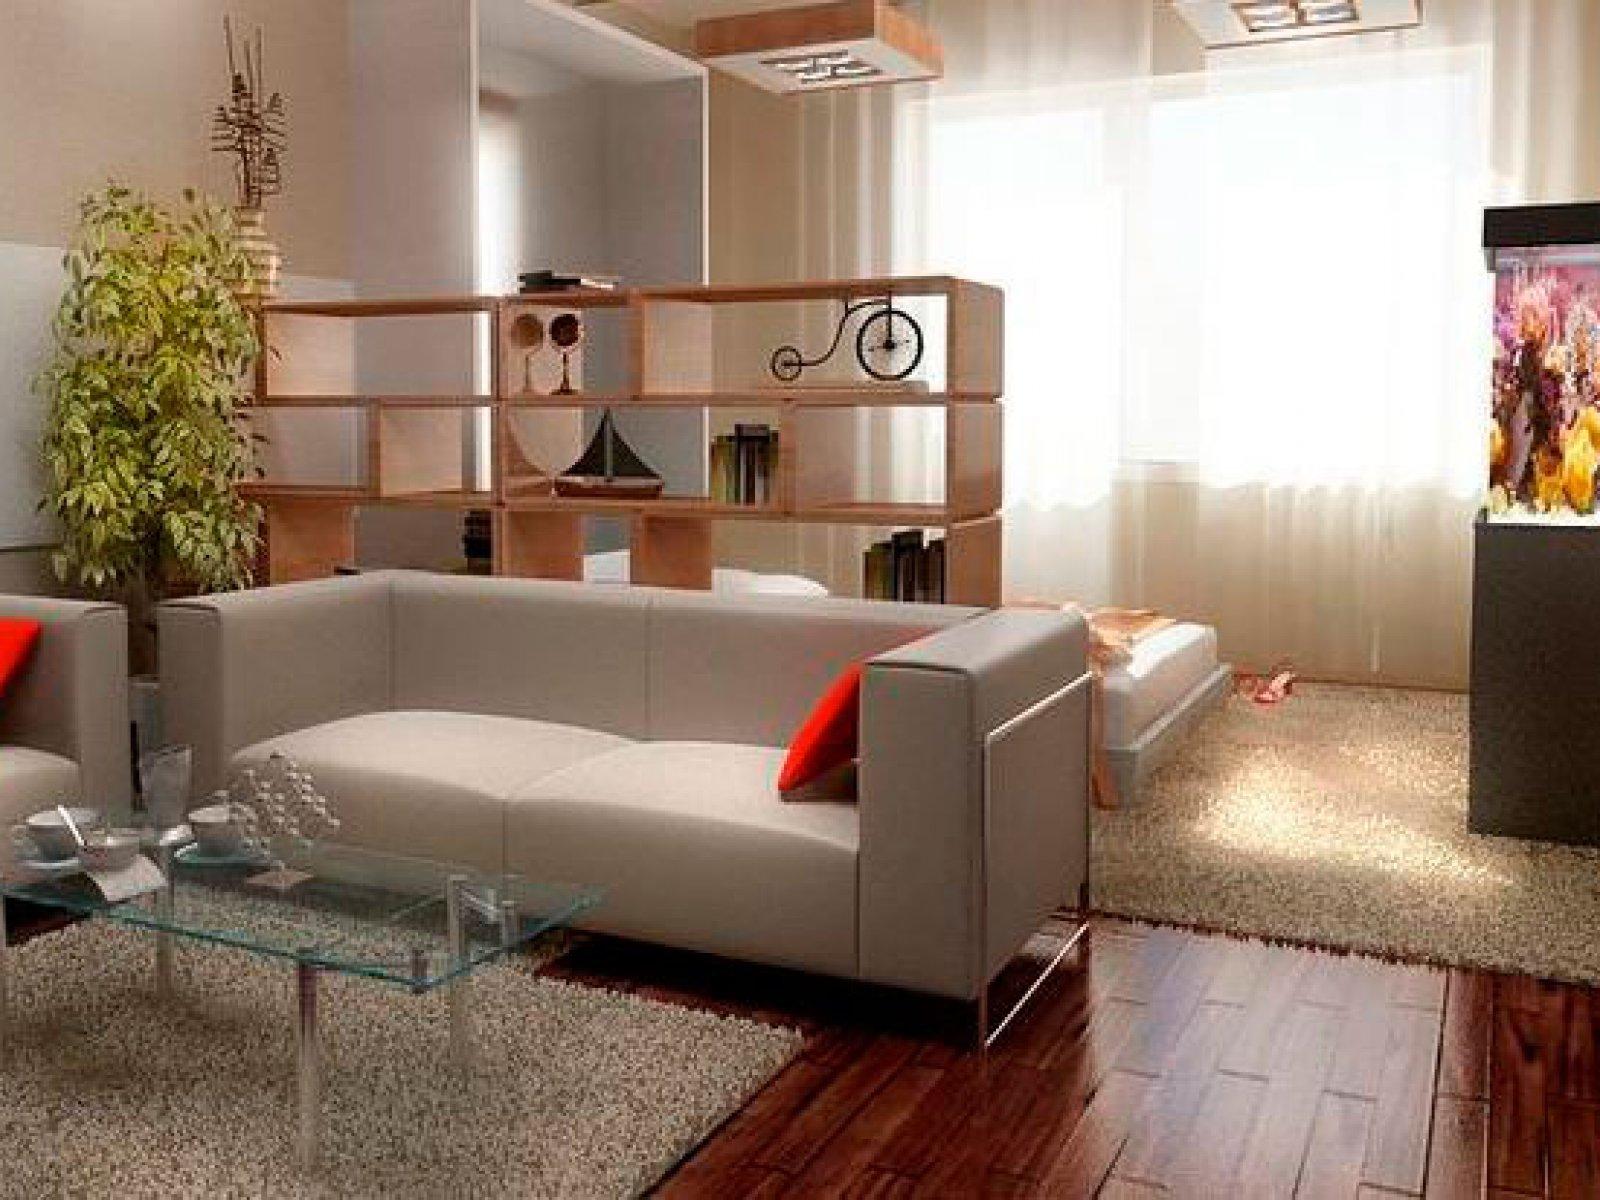 Ремонт однокомнатной квартиры в екатеринбурге, цены.